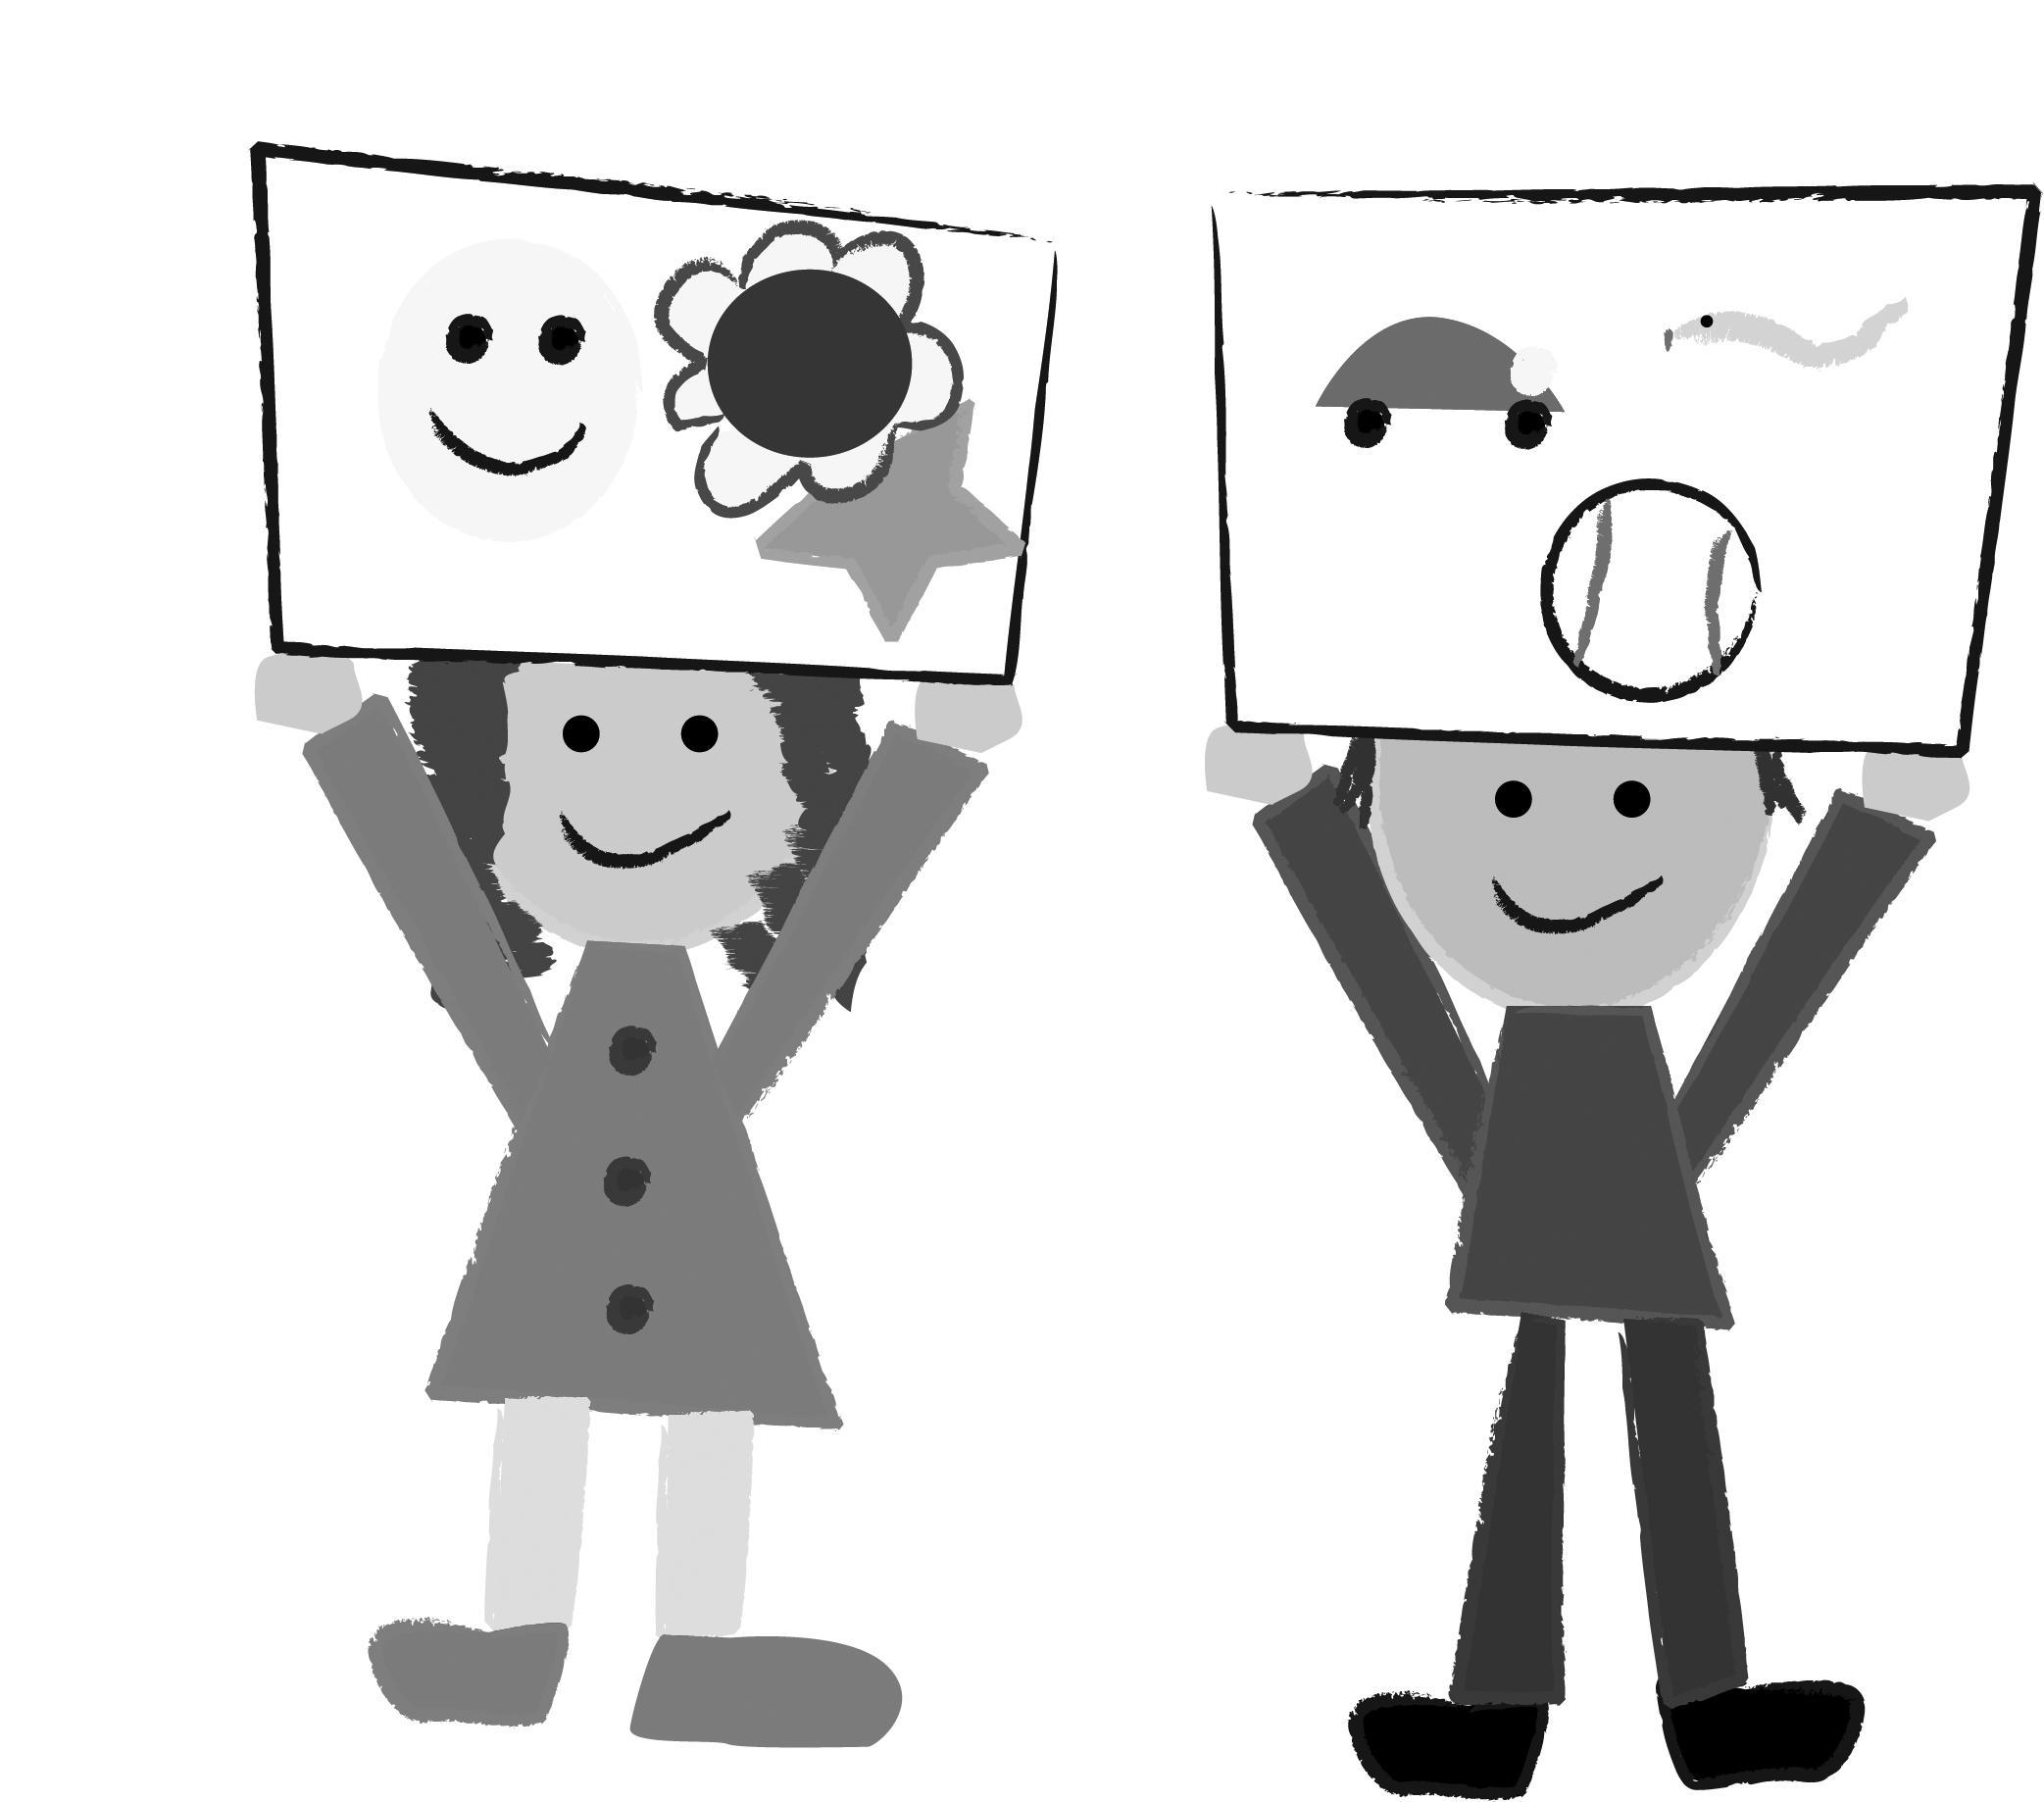 differencias y similitudes entre la inteligencia de Diferencia entre conocimiento e inteligencia aprendizaje y desarrollo ¿que es el conocimiento conocimiento: es el almacenamiento de ideas es formado como una estructura dinámica con datos e información, operados en el cerebro por la inteligencia a través de ejercicios mentales y habilidades del pensamiento, que crea un modelo de la realidad en la menta de resolución adecuada de problemas.